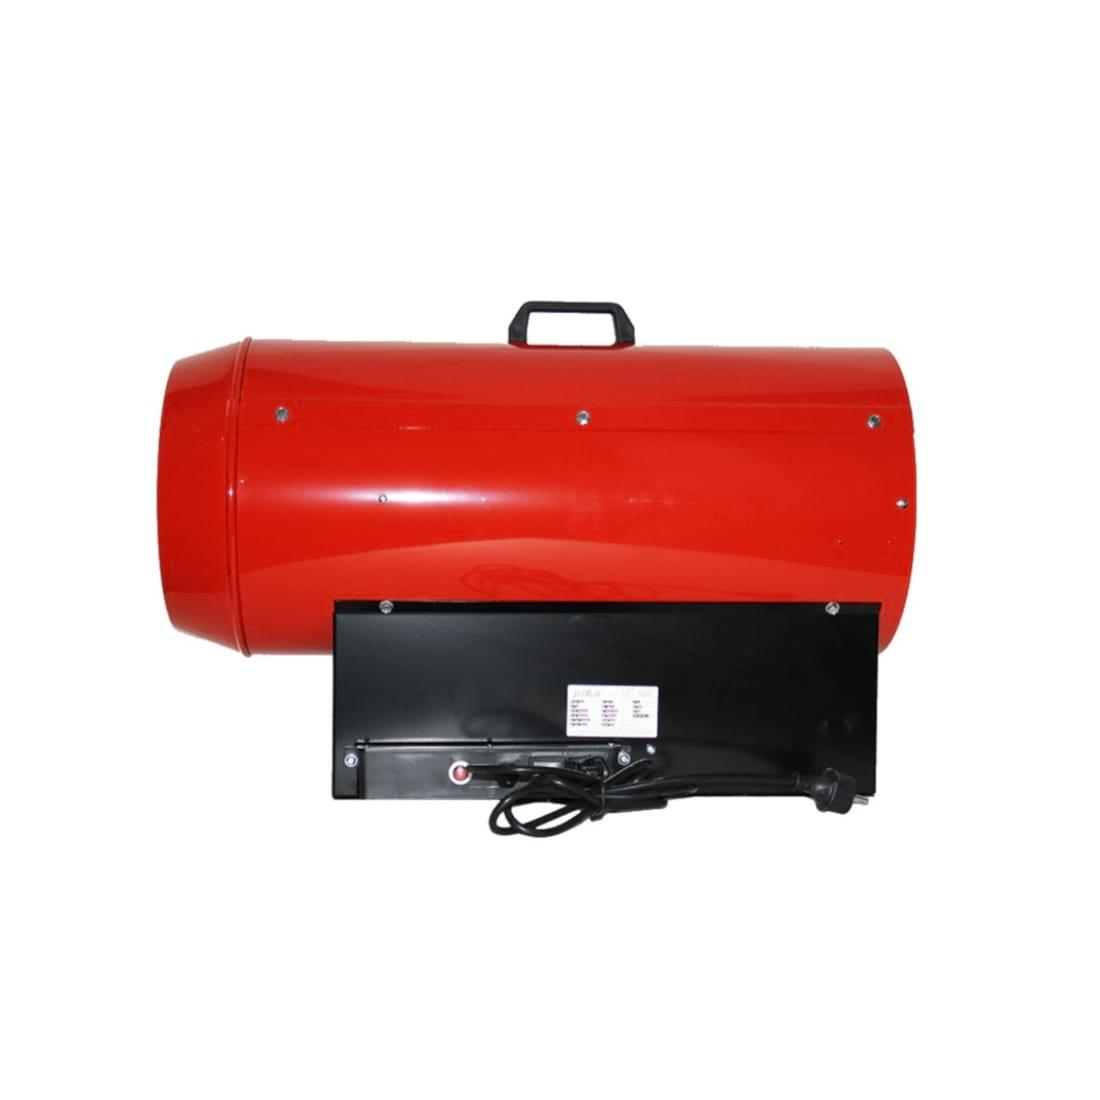 Калорифер газовый КГ-18 ПГ красная